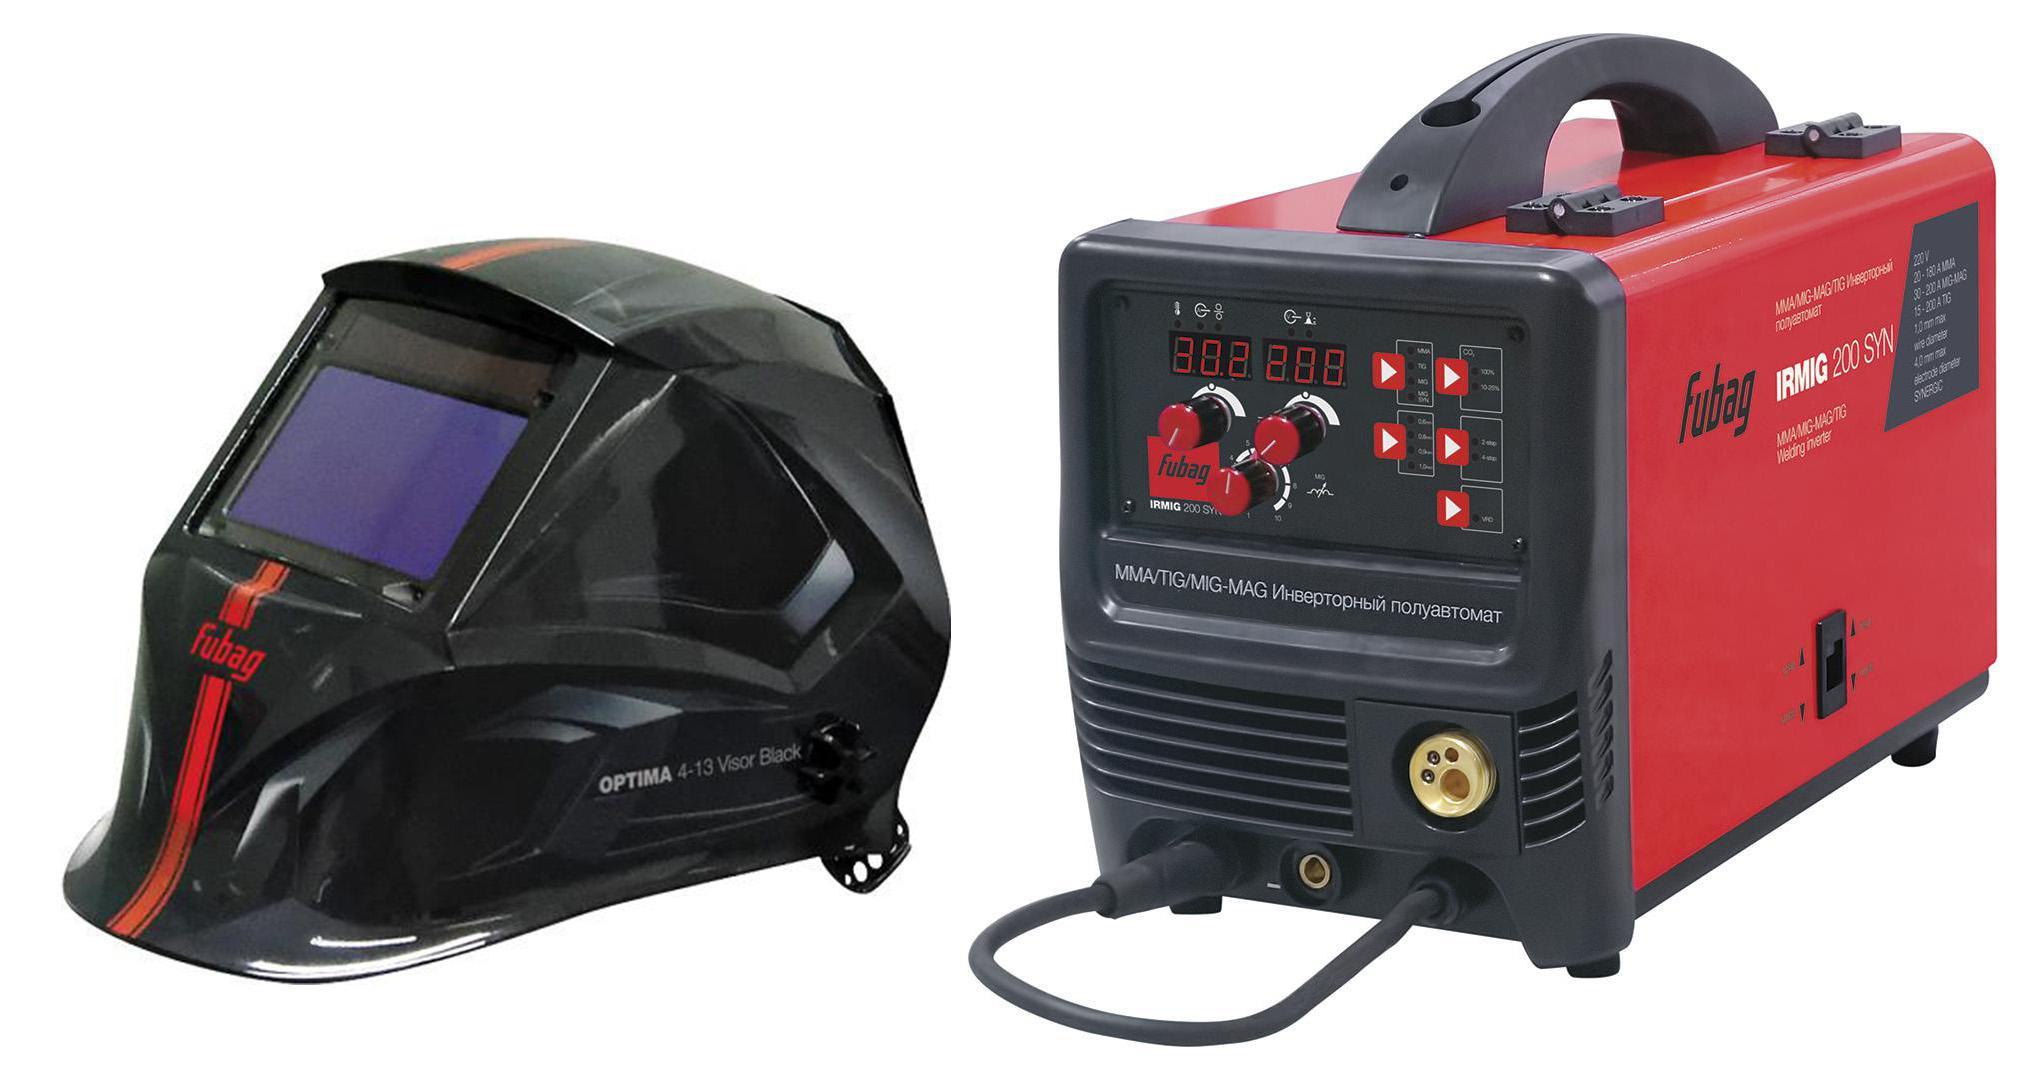 Купить Набор Fubag Сварочный полуавтомат fubag irmig 200 syn 38643 + горелка fb 250 3 м +Маска optima 4-13 visor black, Китай